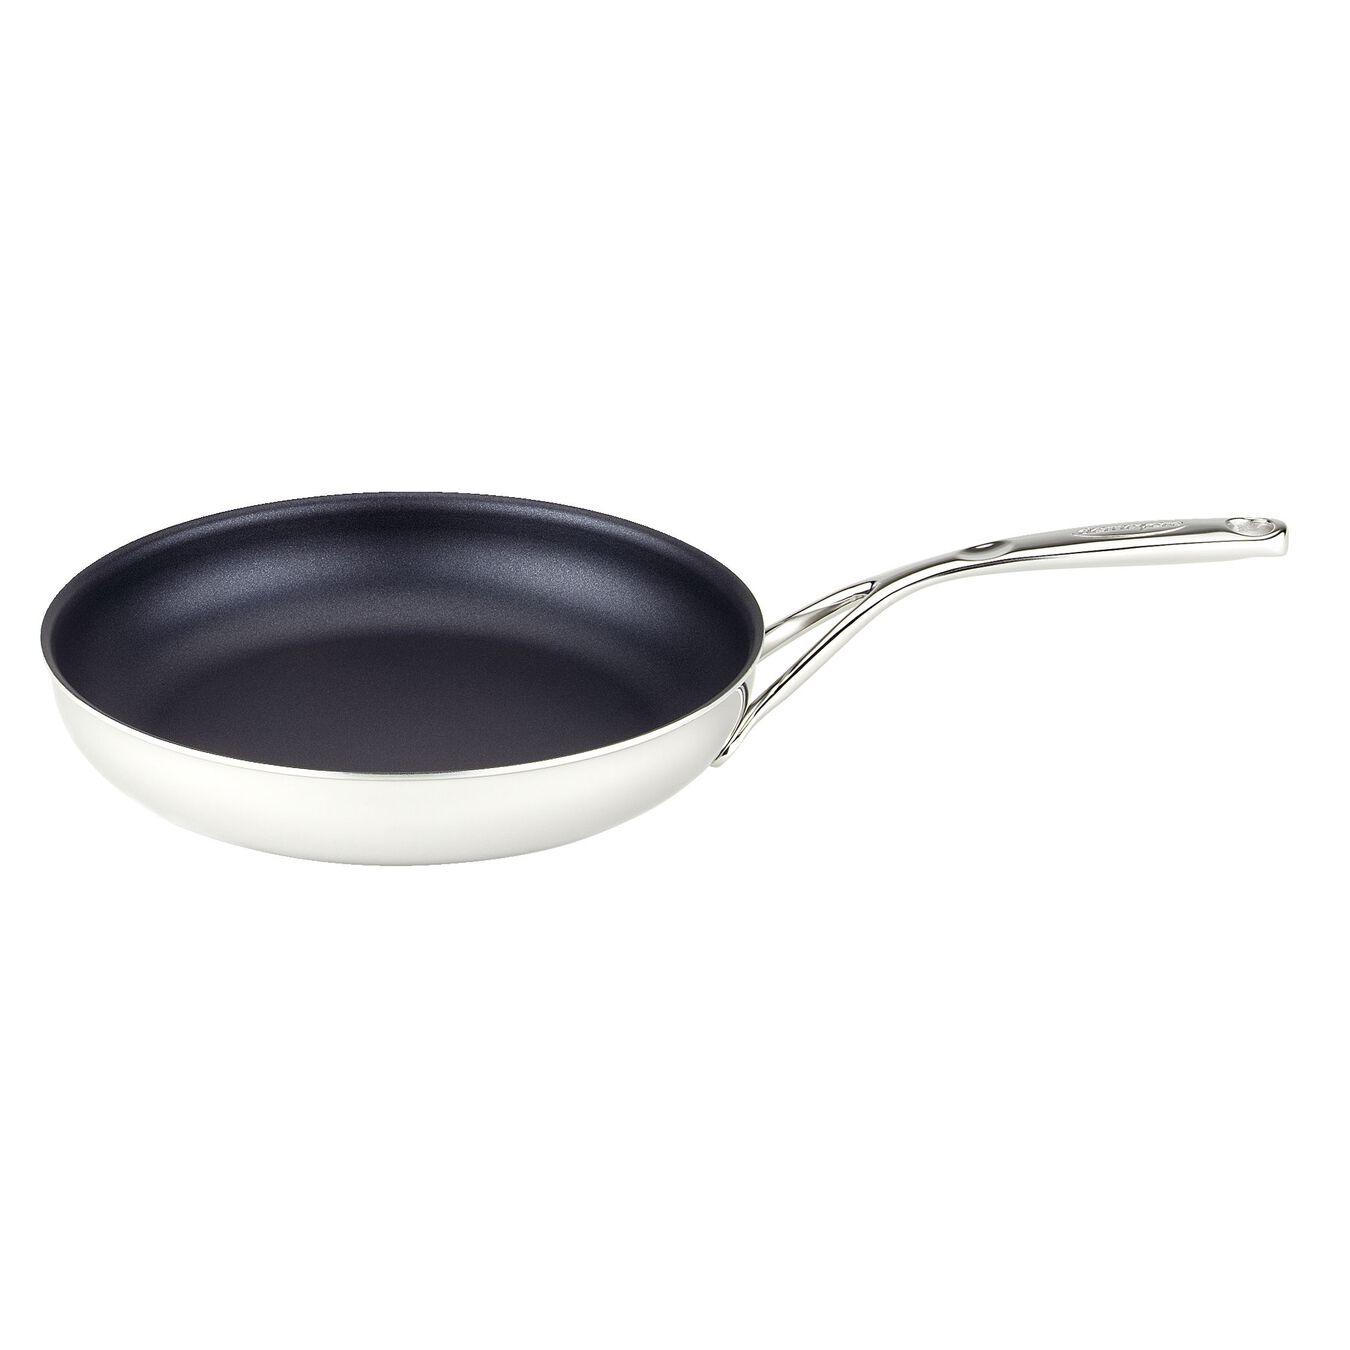 Poêle 28 cm, Inox 18/10, Silver-Black,,large 2